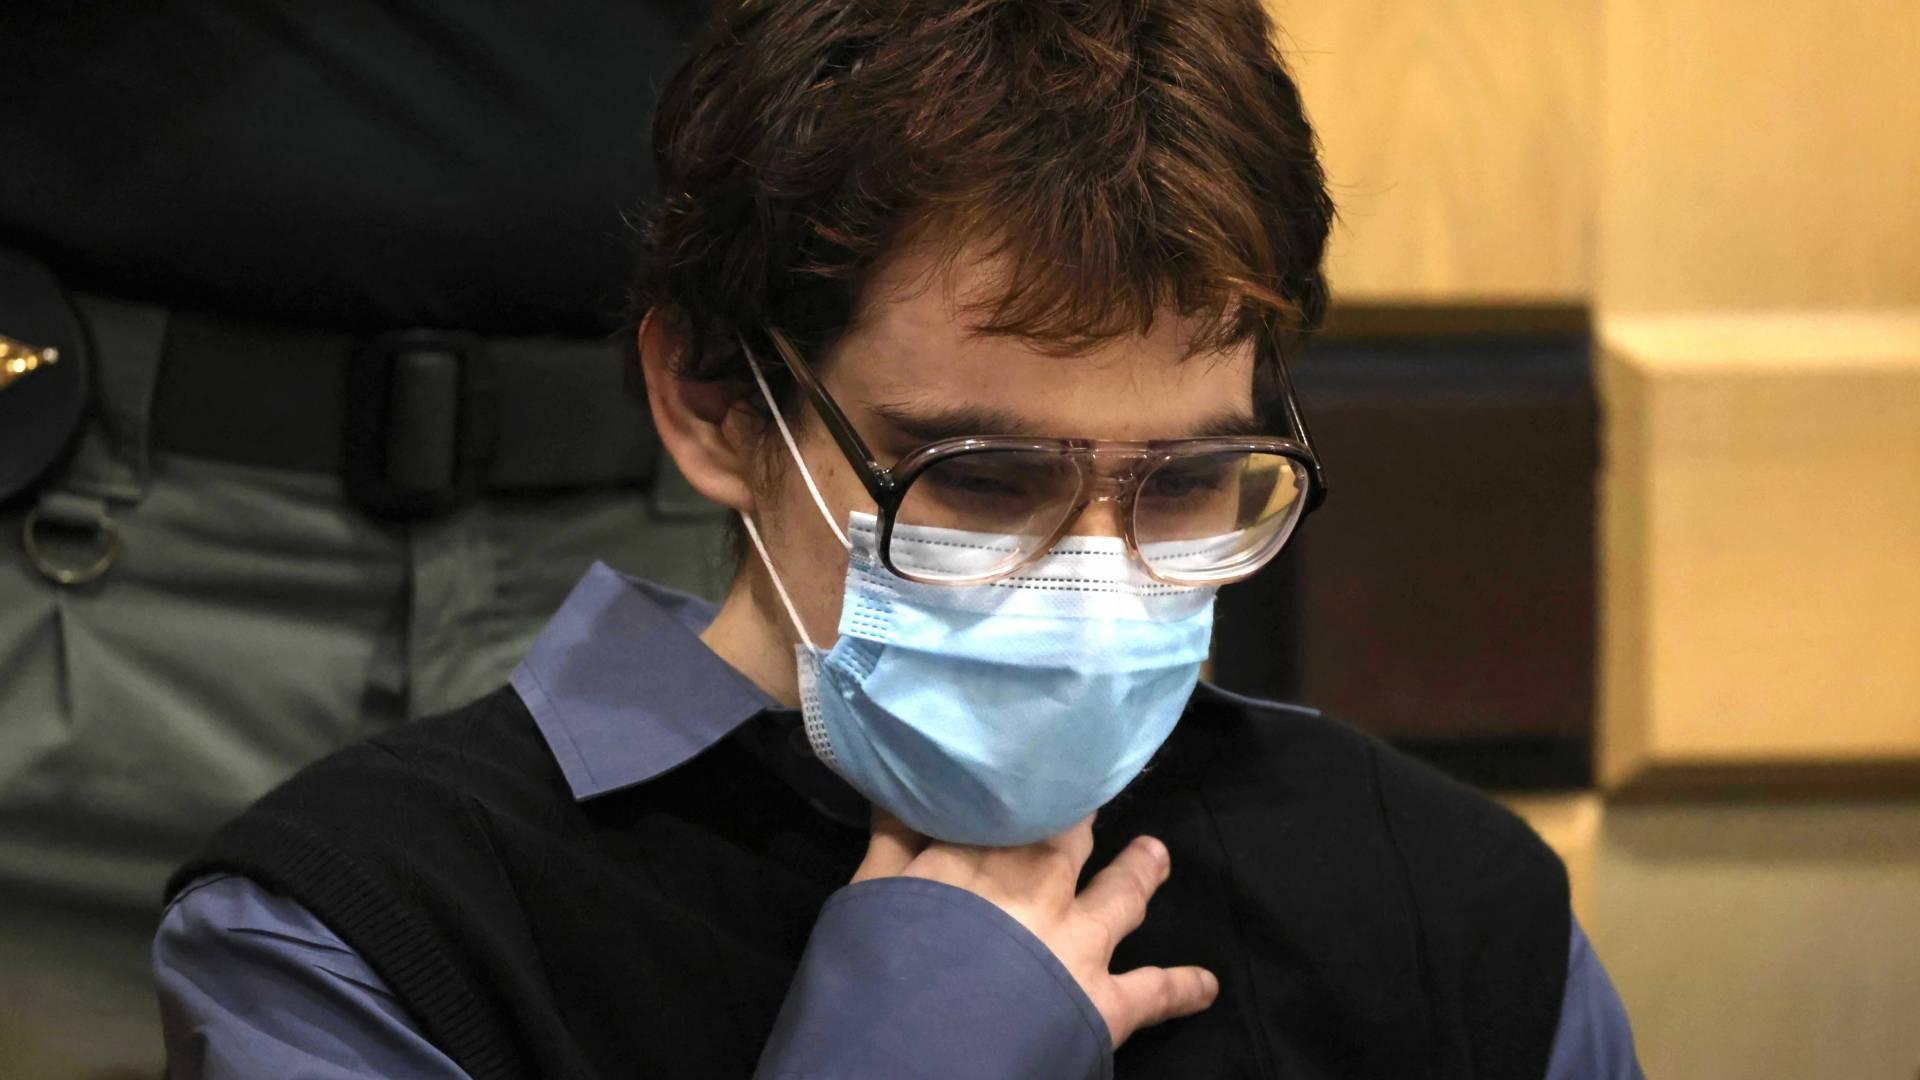 الشاب الذي تسبب في مذبحة مدرسة فلوريدا